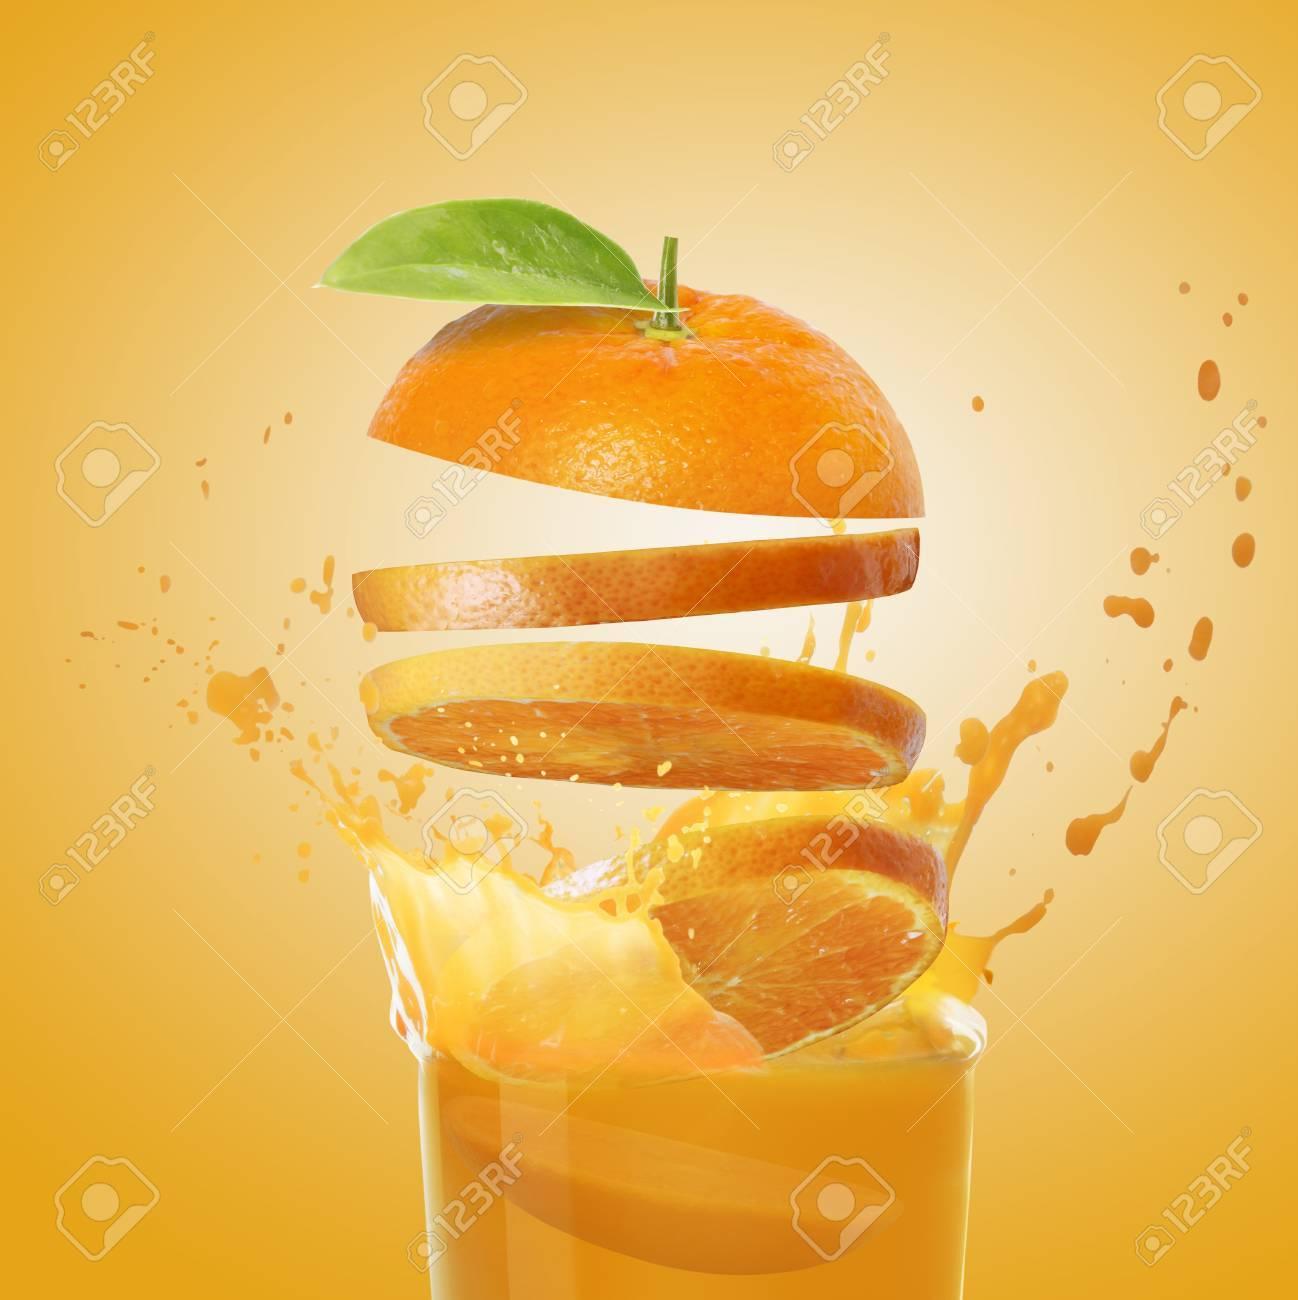 orange juice Stock Photo - 11236707